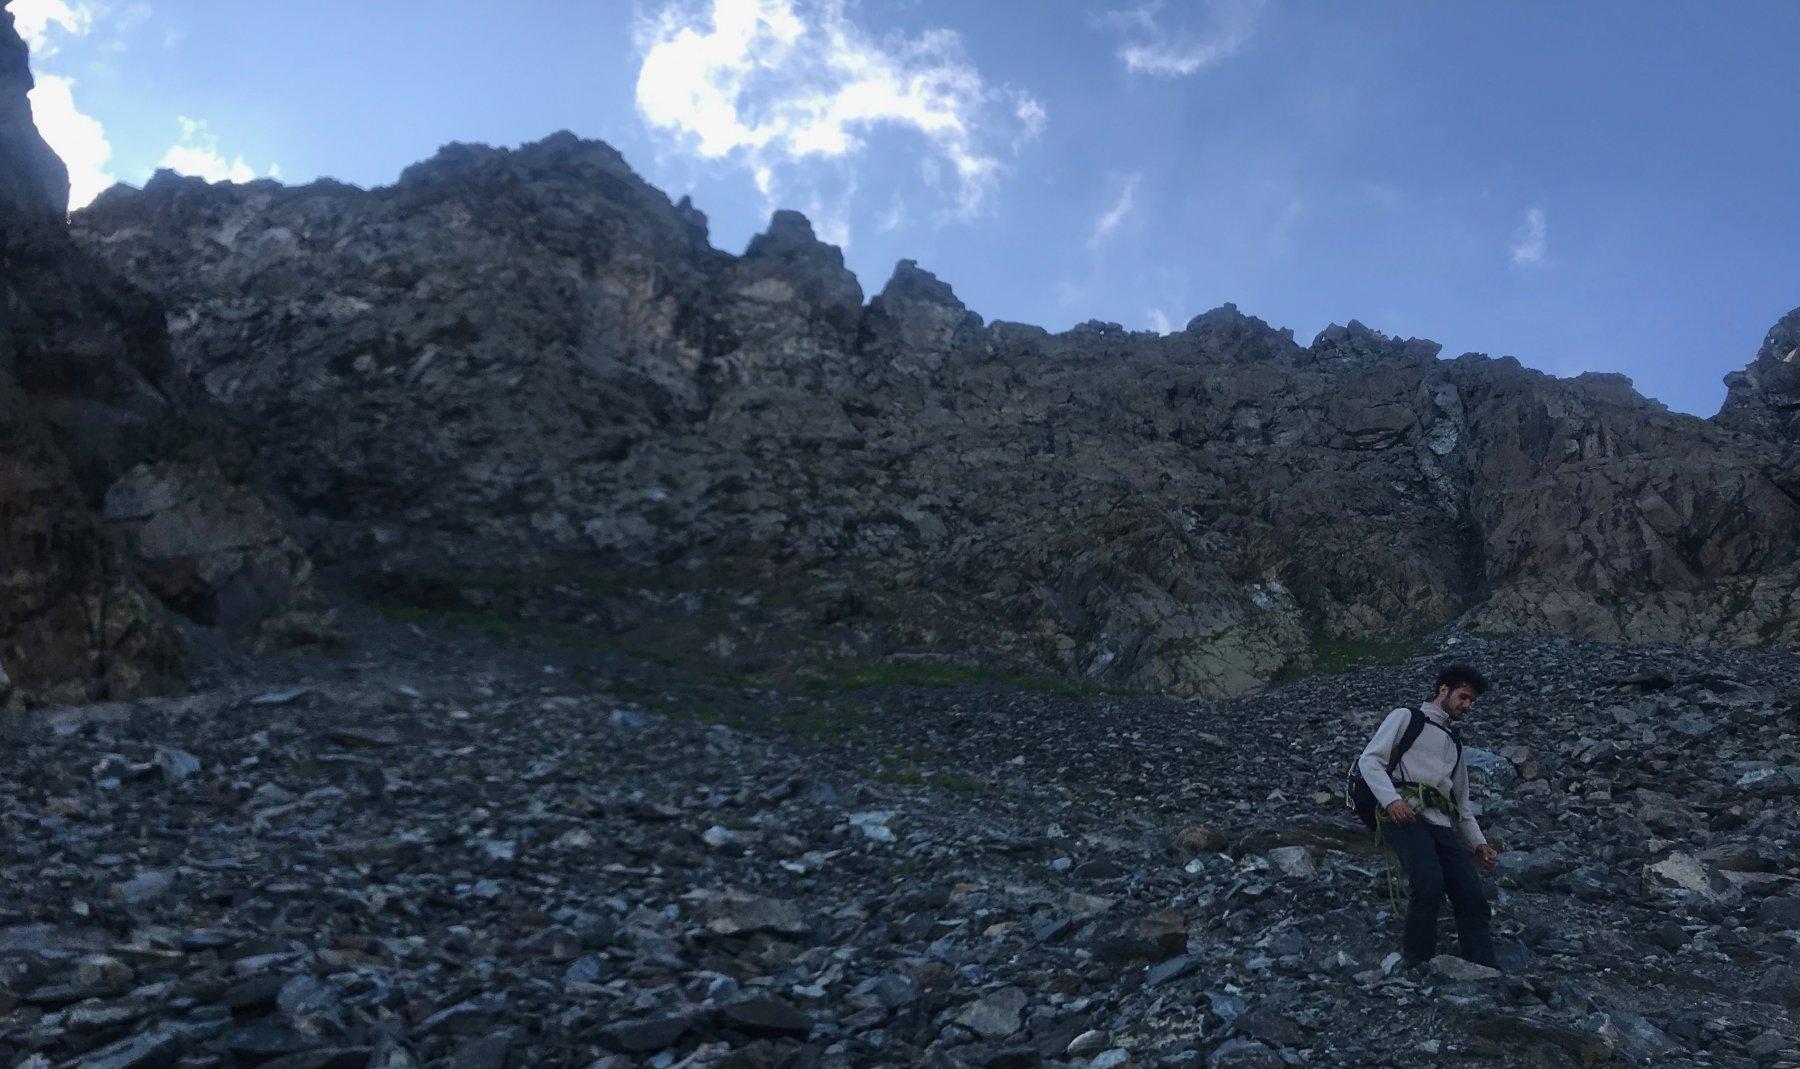 La cresta vista dalla morena detritica che segue il canalino di discesa